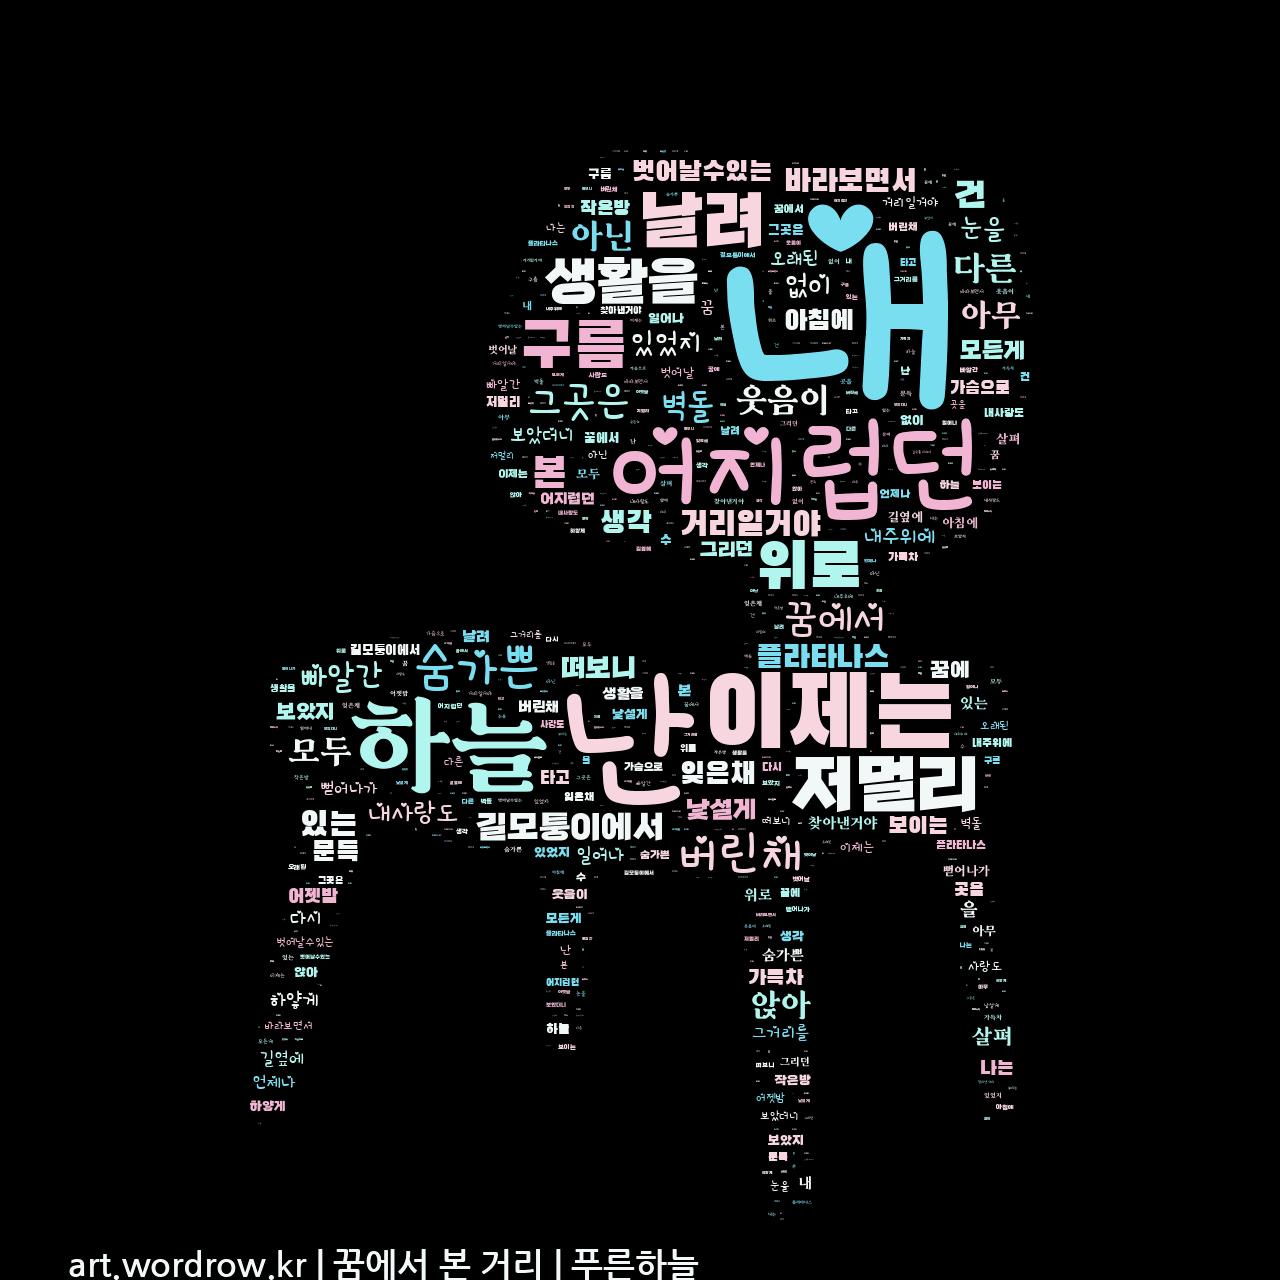 워드 아트: 꿈에서 본 거리 [푸른하늘]-8